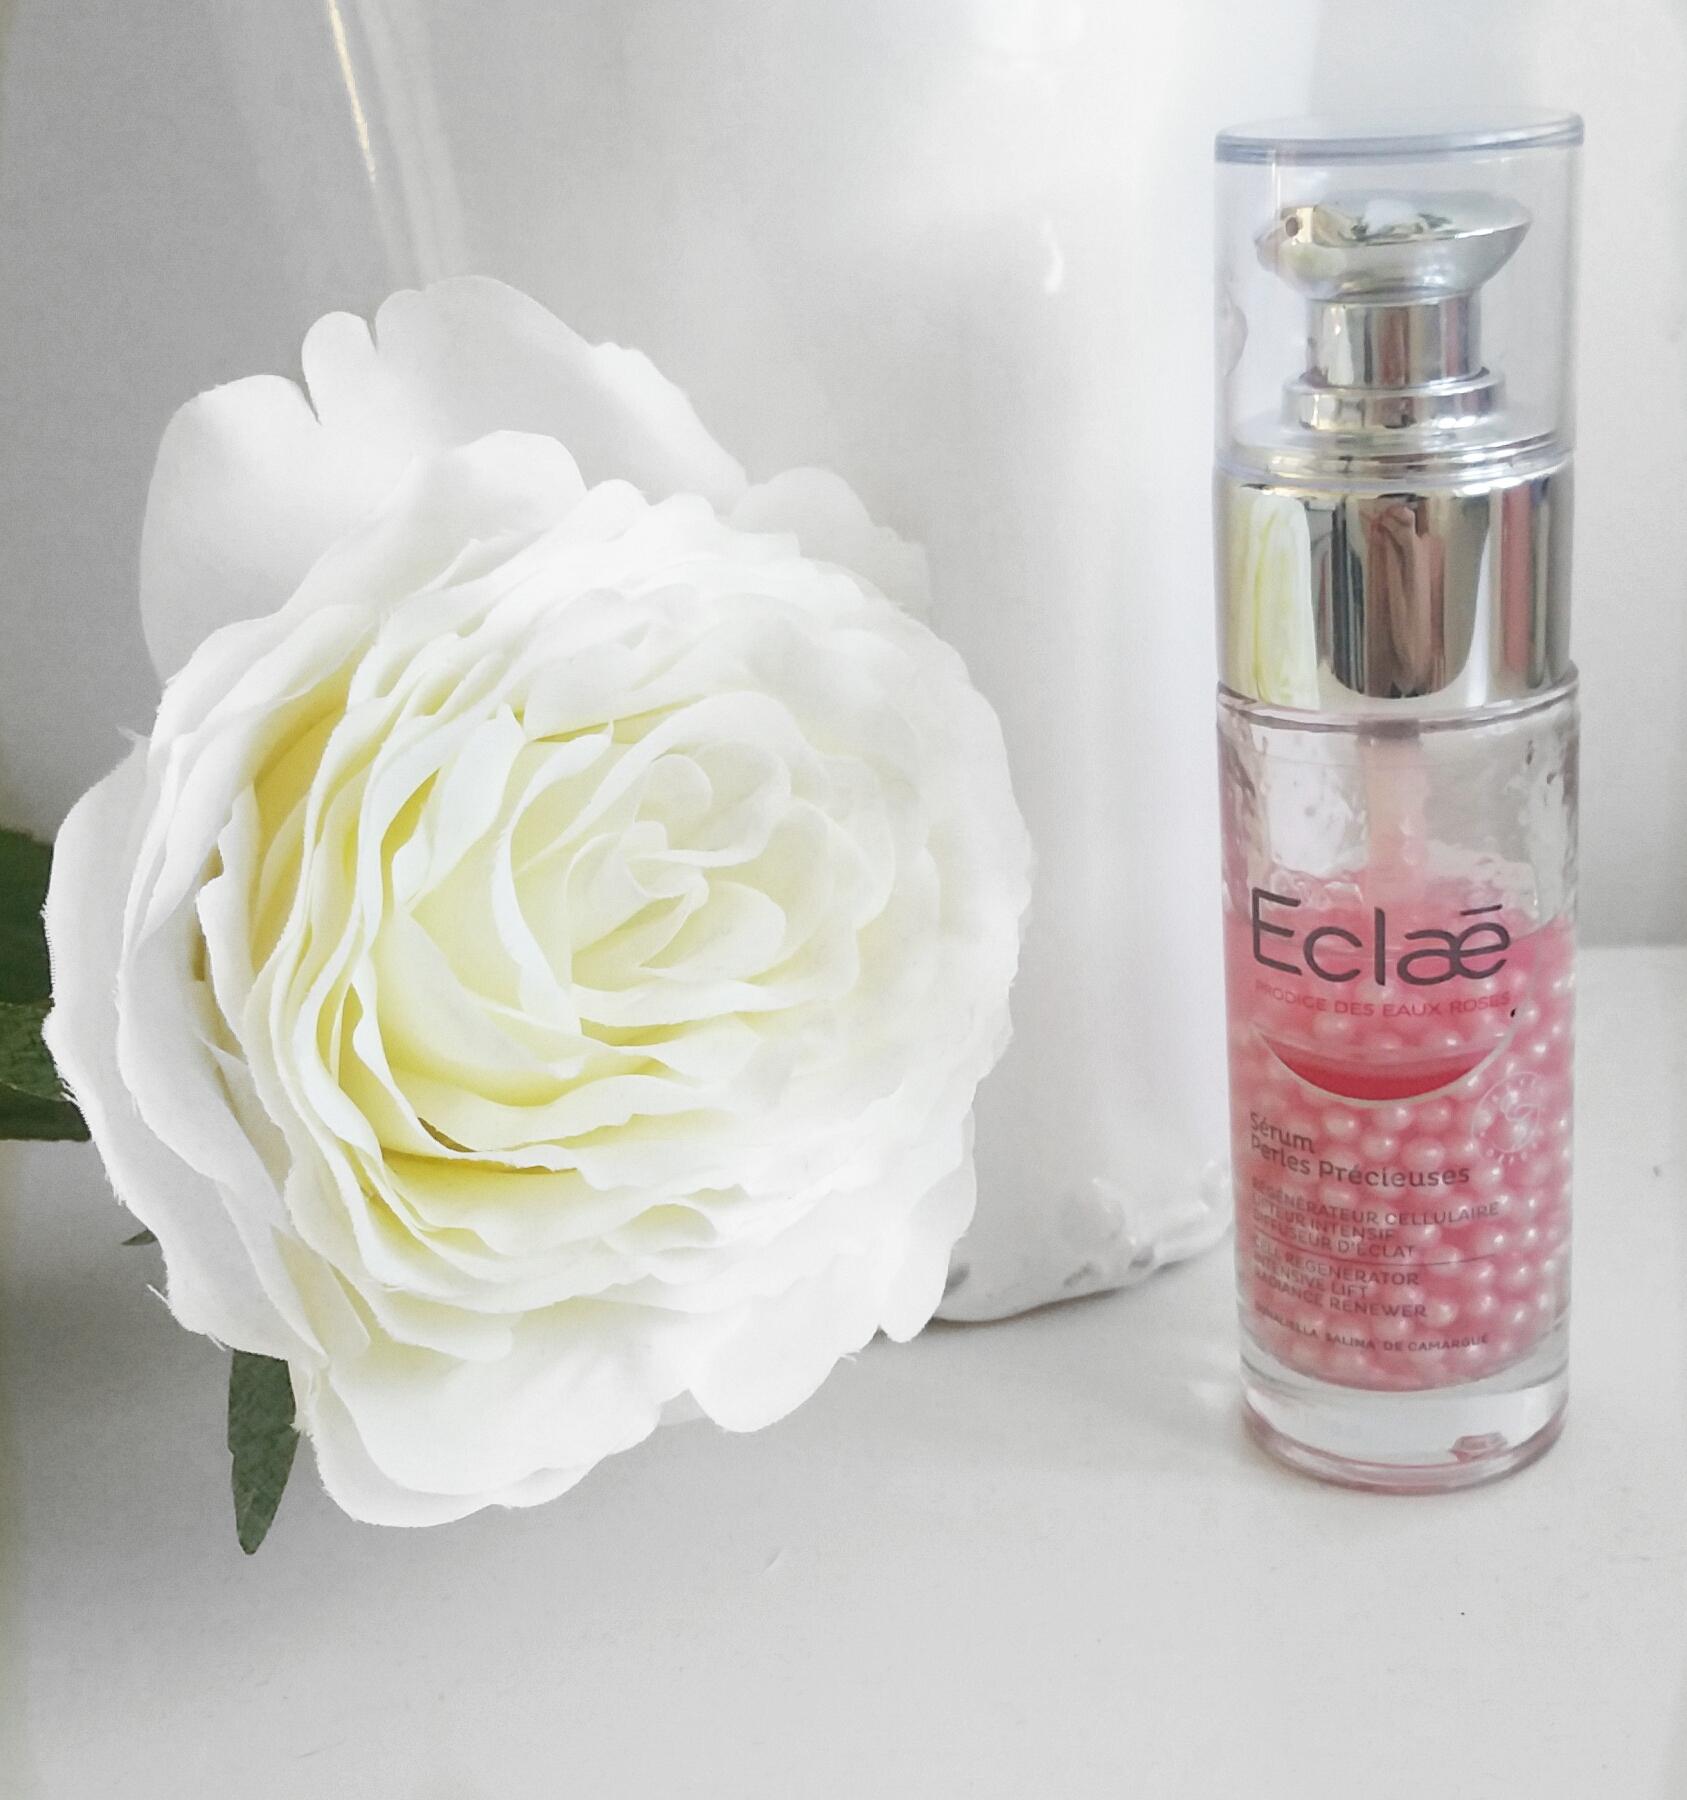 Serum perles Eclae